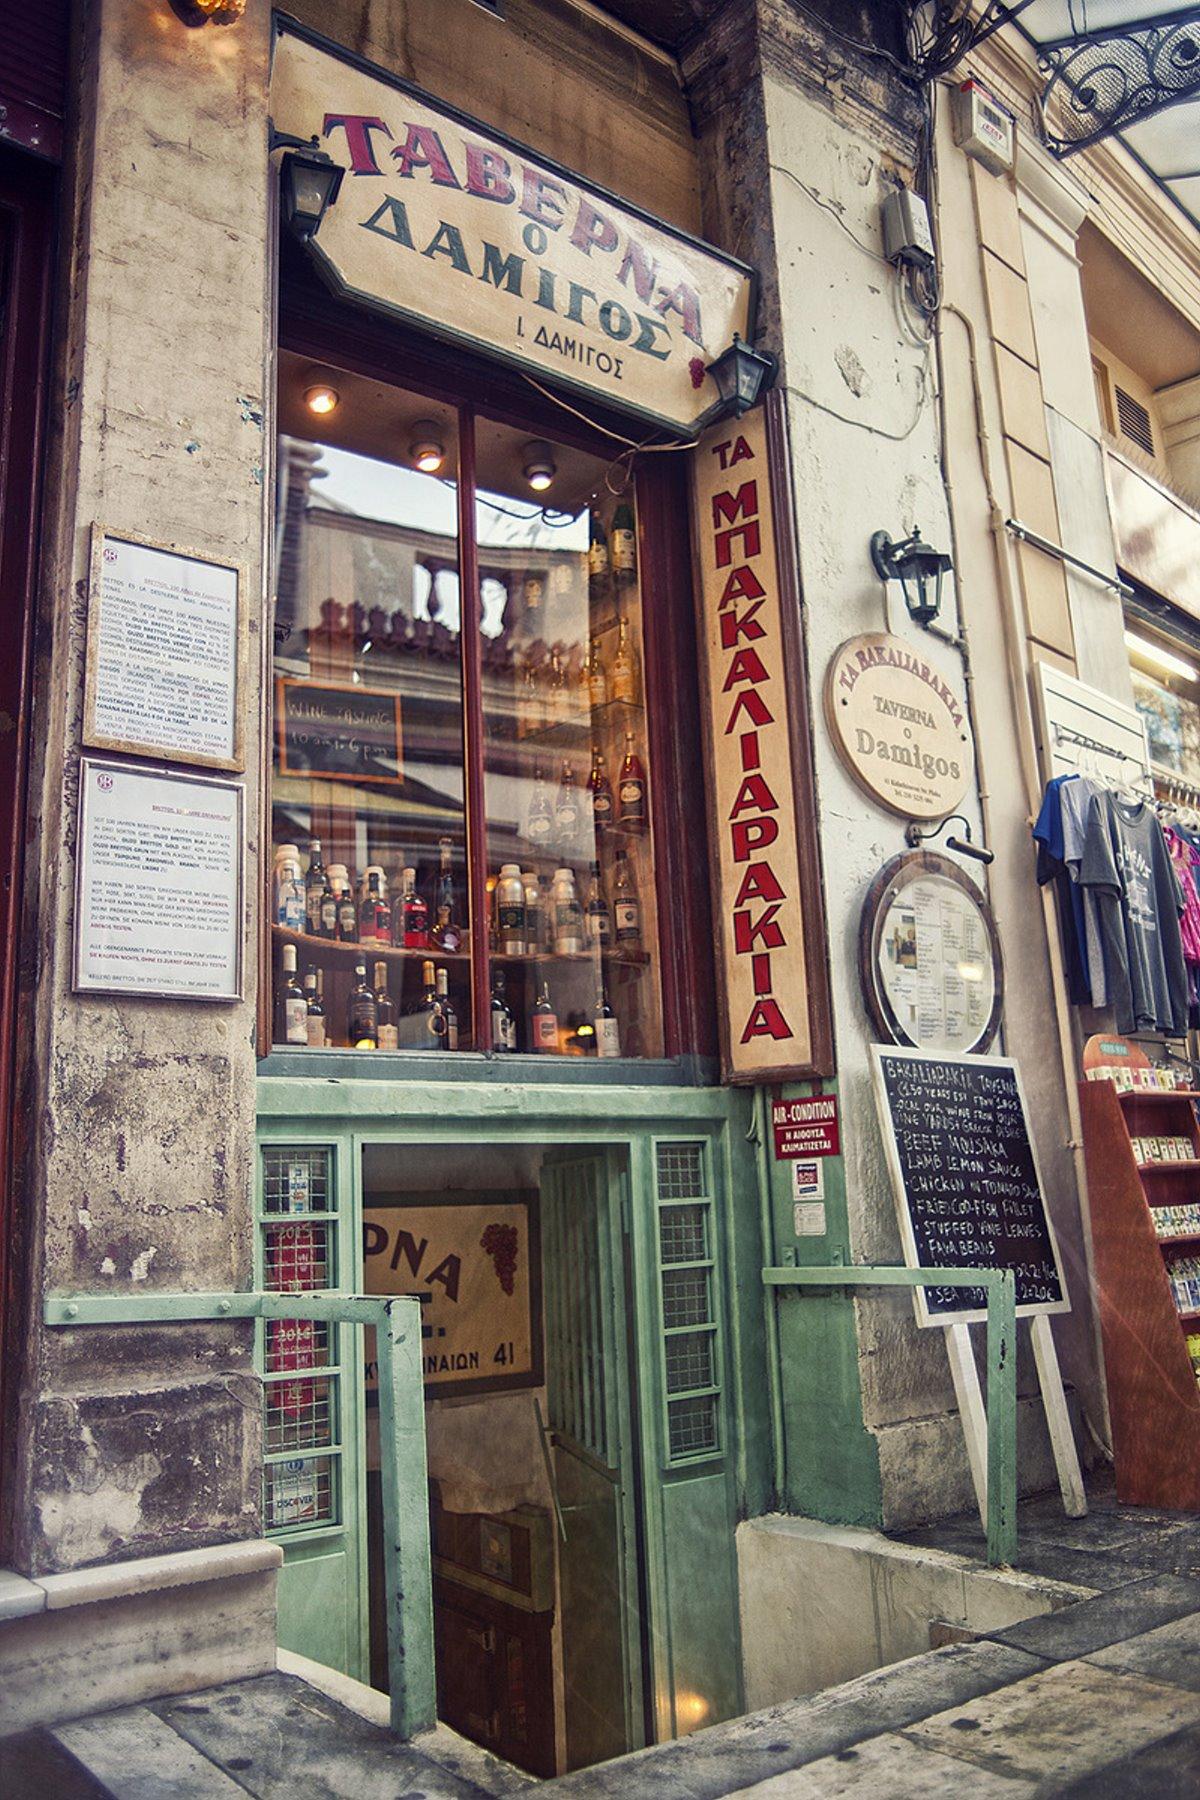 ιστορική ταβέρνα Αθήνα Δαμίγος είσοδος